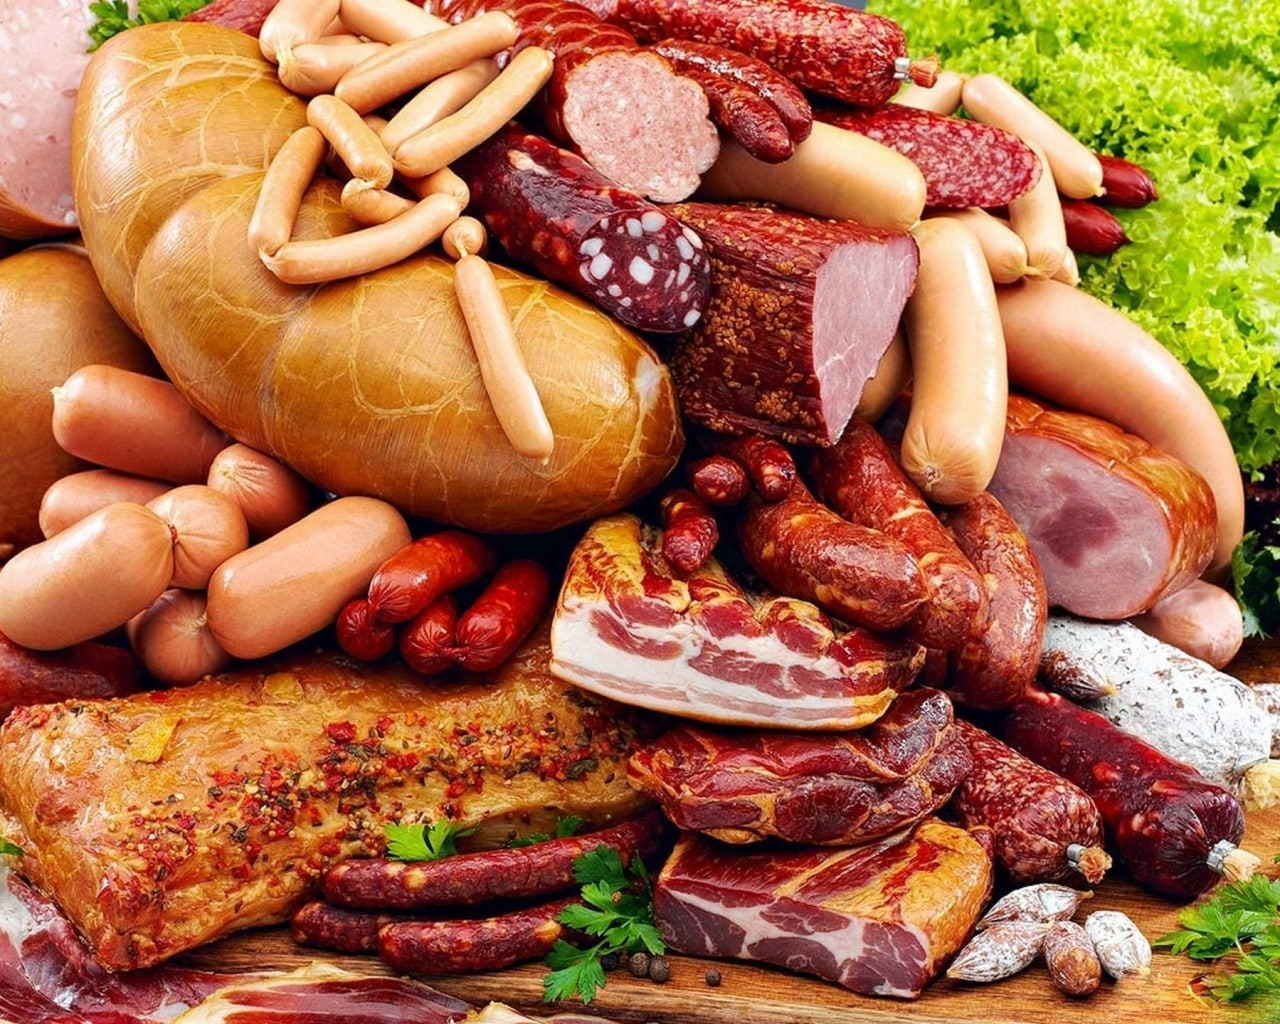 Бекон и колбаса способствуют ожирению